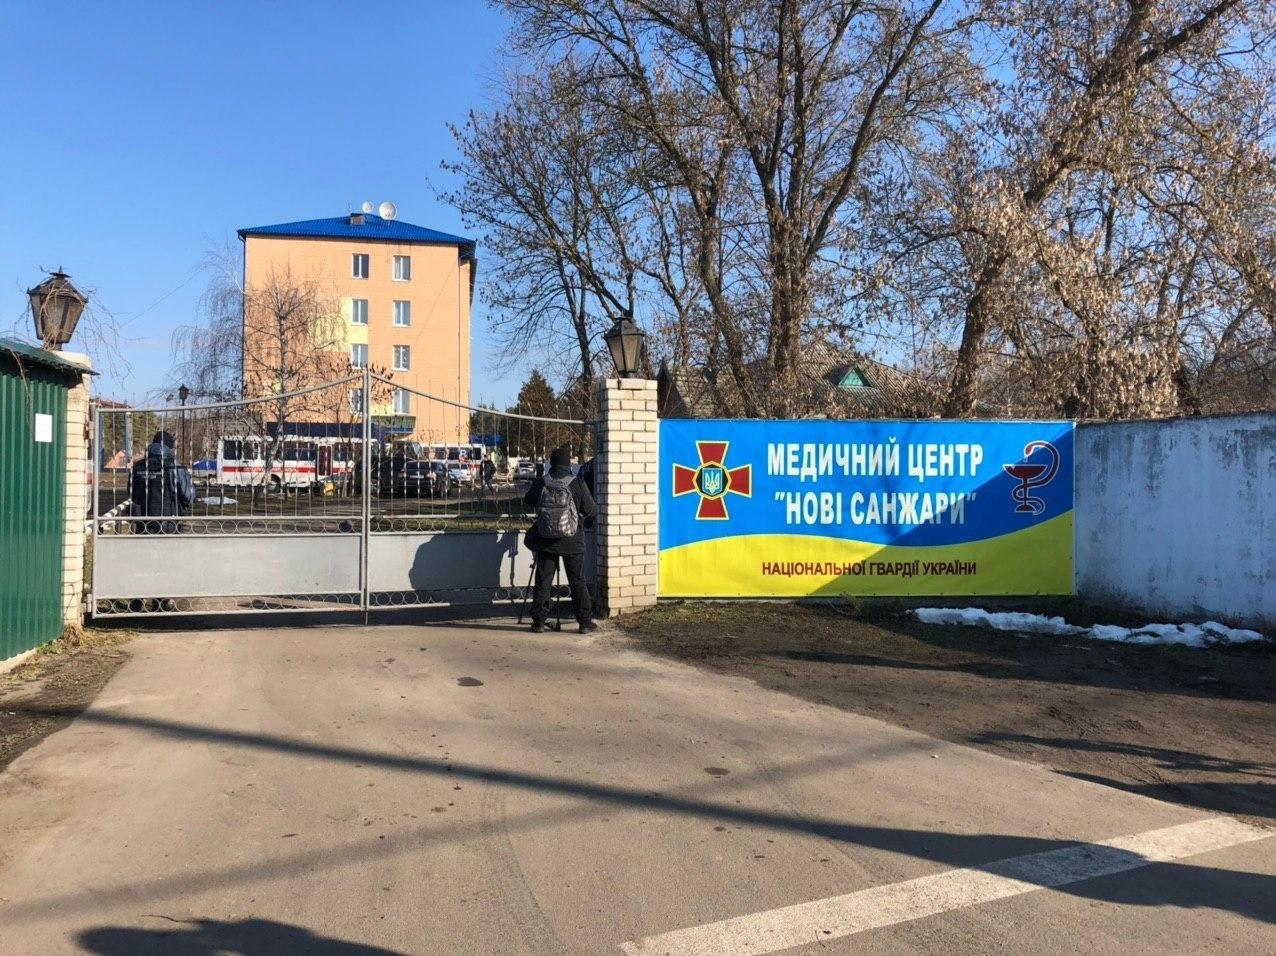 Больные украинцы лежат в санатории